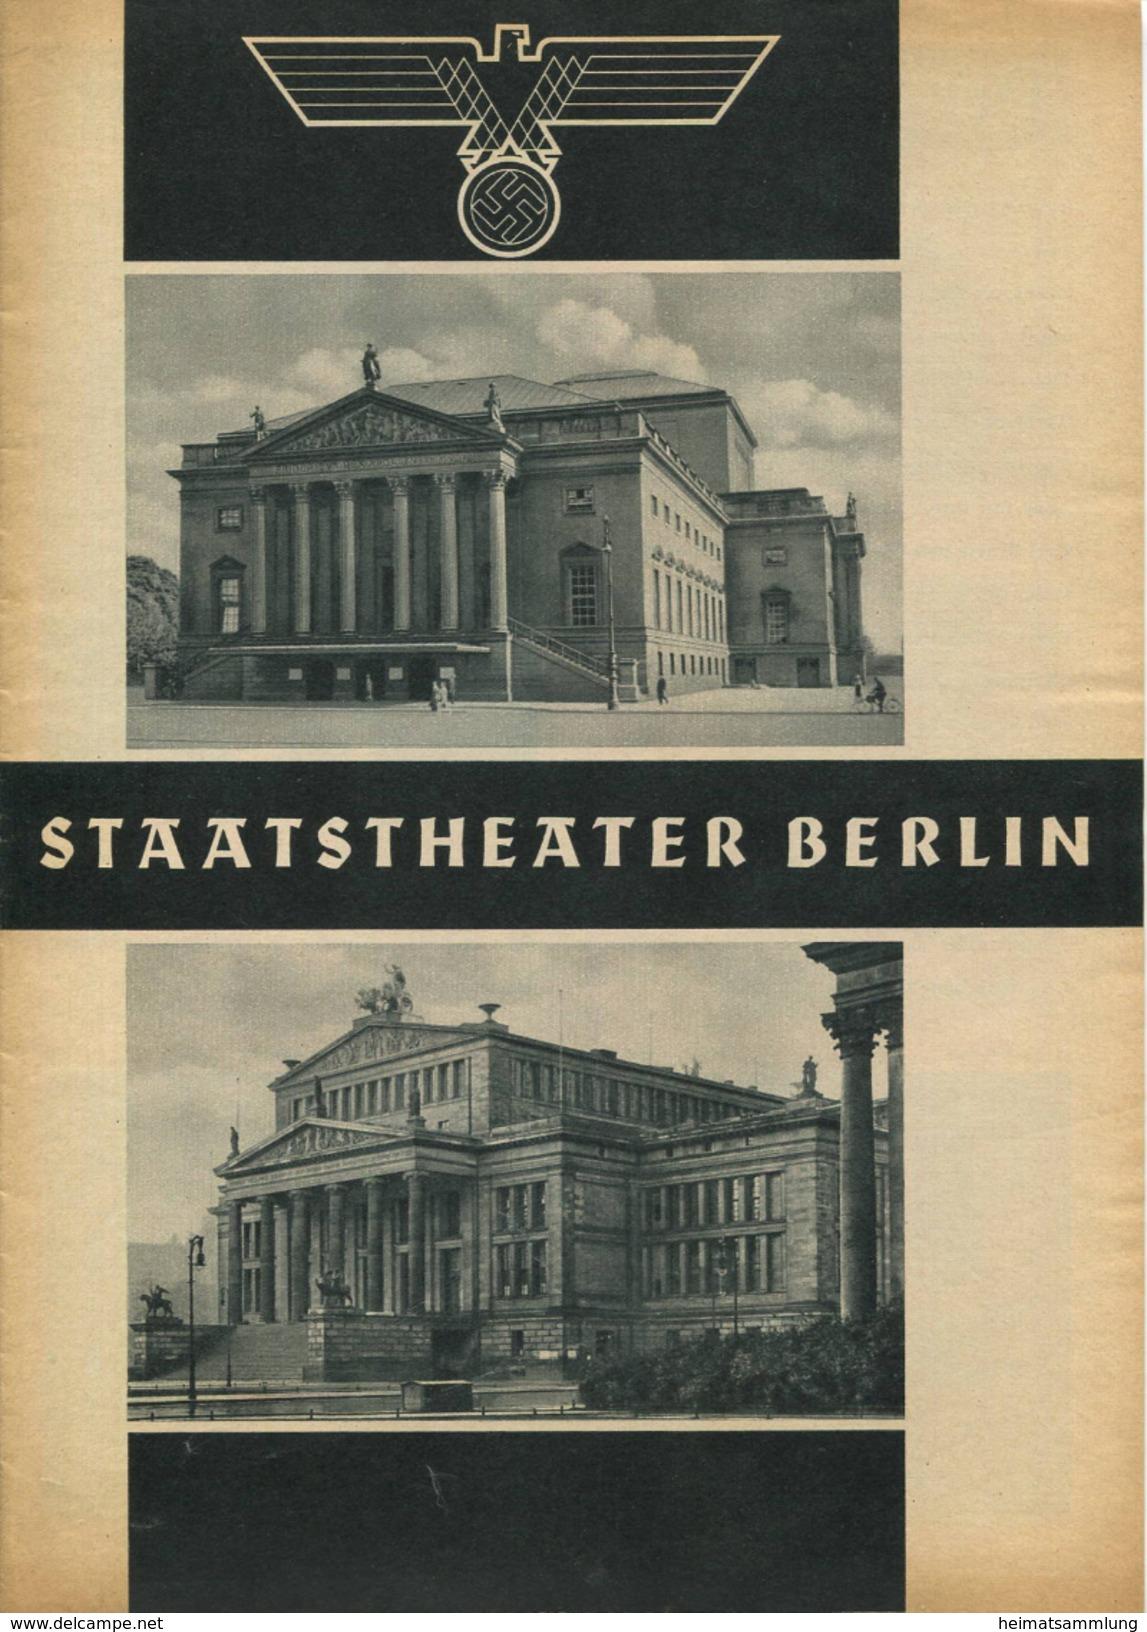 Staatstheater Berlin - Spielzeit 1935/36 - 3 Doppelseiten DINA4-Formatmit Vielen Abbildungen - Anni Konetzni Karl Hamme - Theatre & Scripts